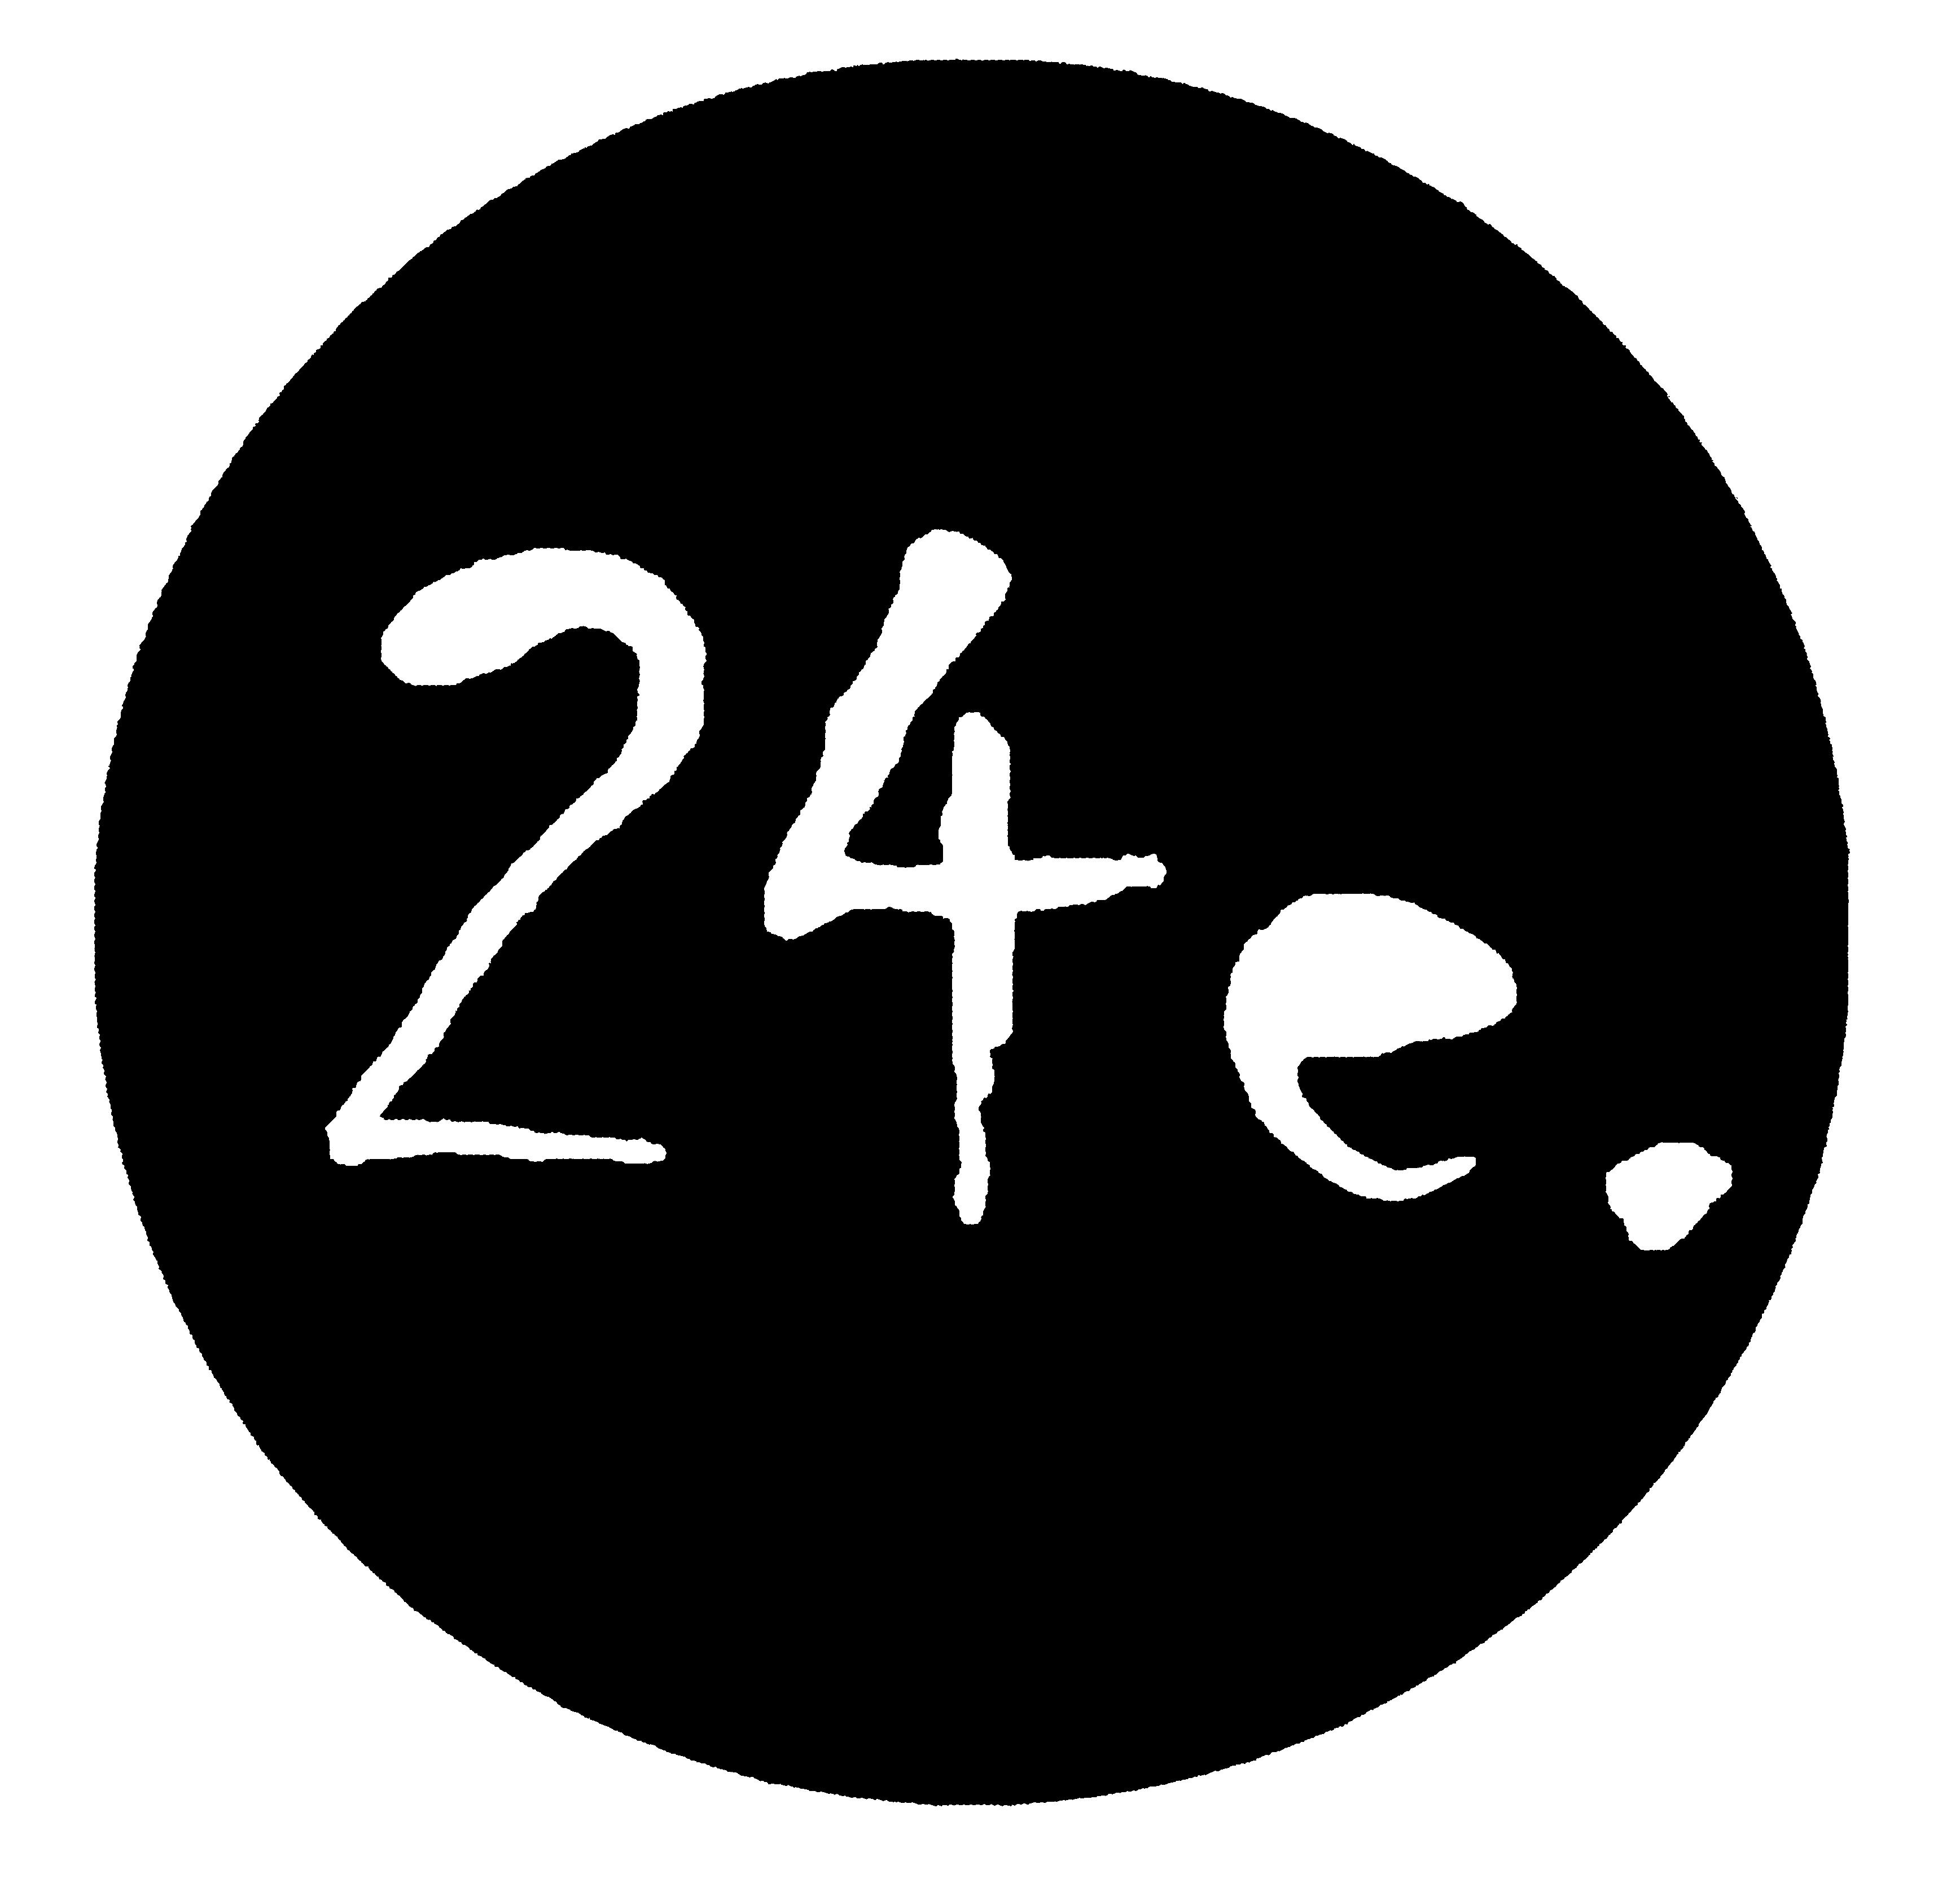 24e. Design Co.